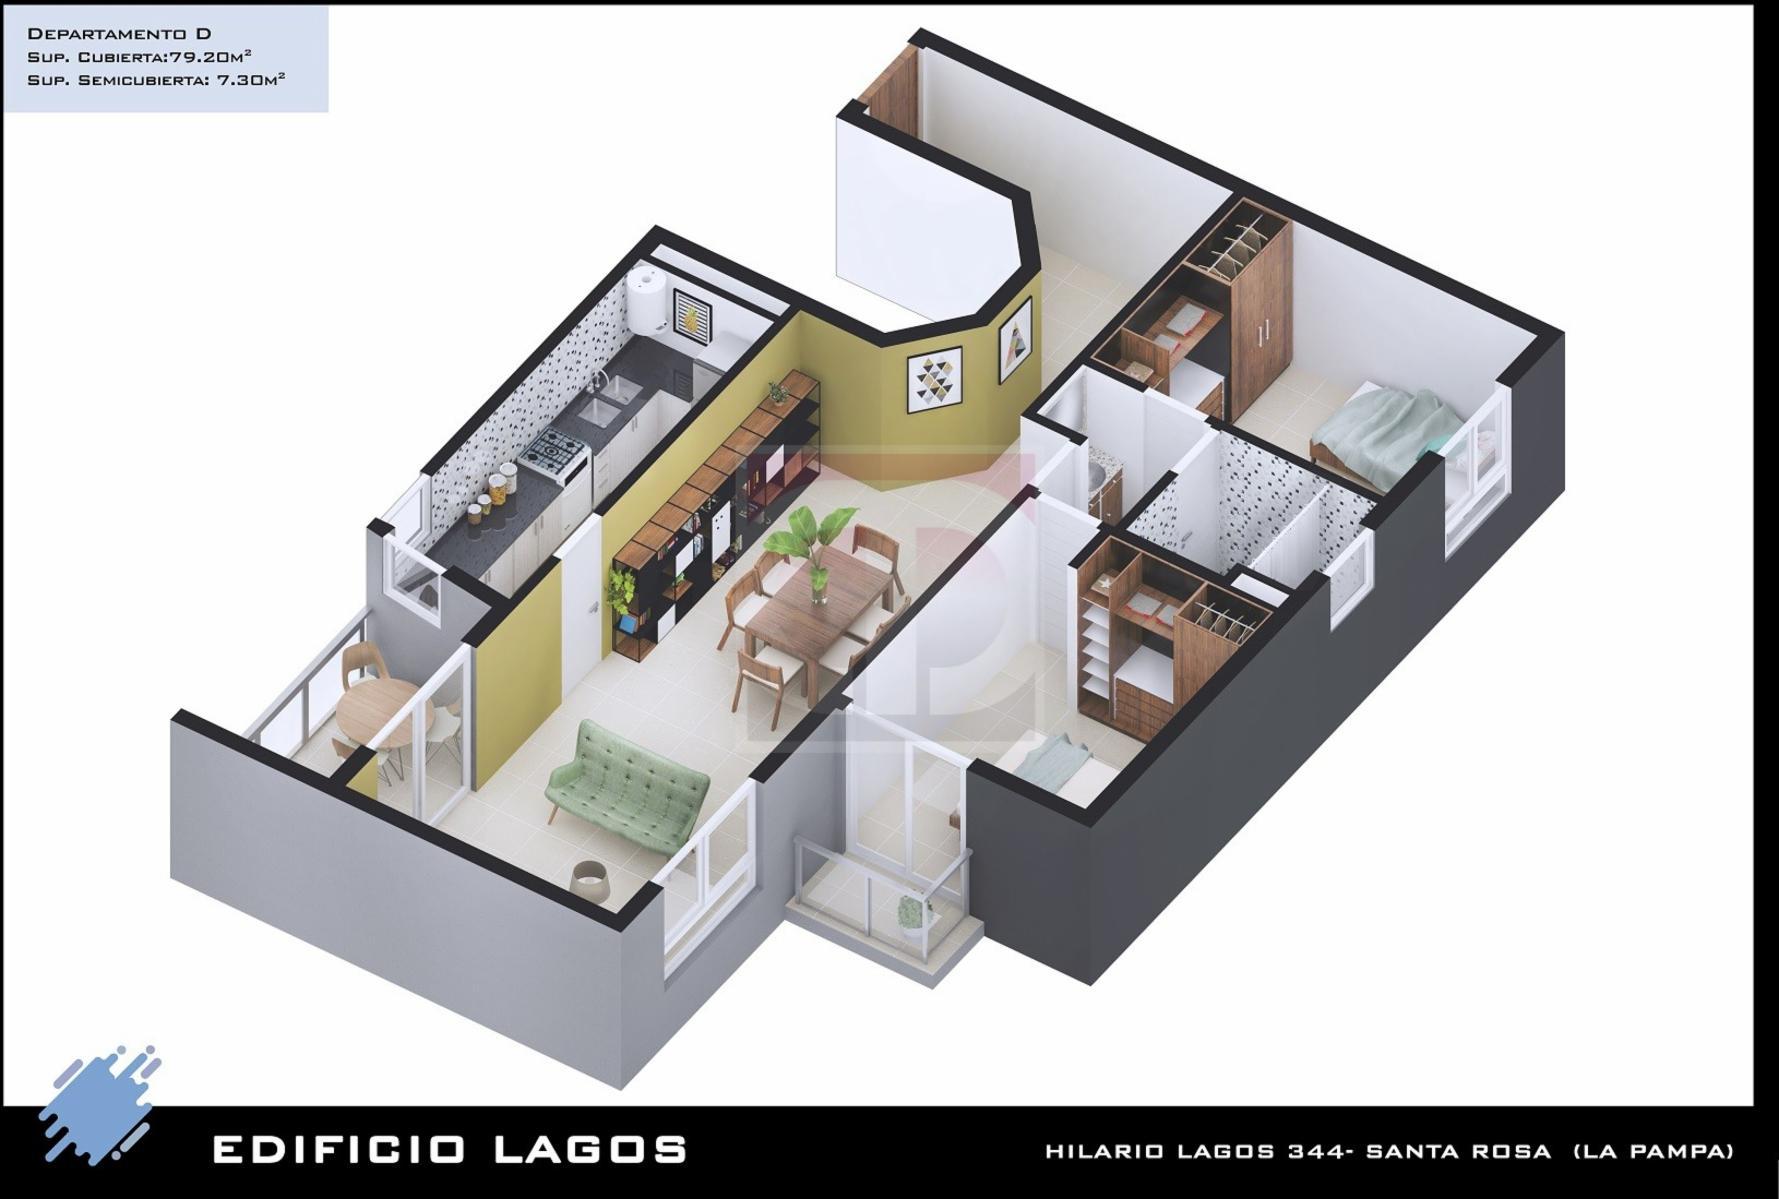 Venta departamentos Torre Lagos, DAIANA DOMINGUEZ NEGOCIOS INMOBILIARIOS